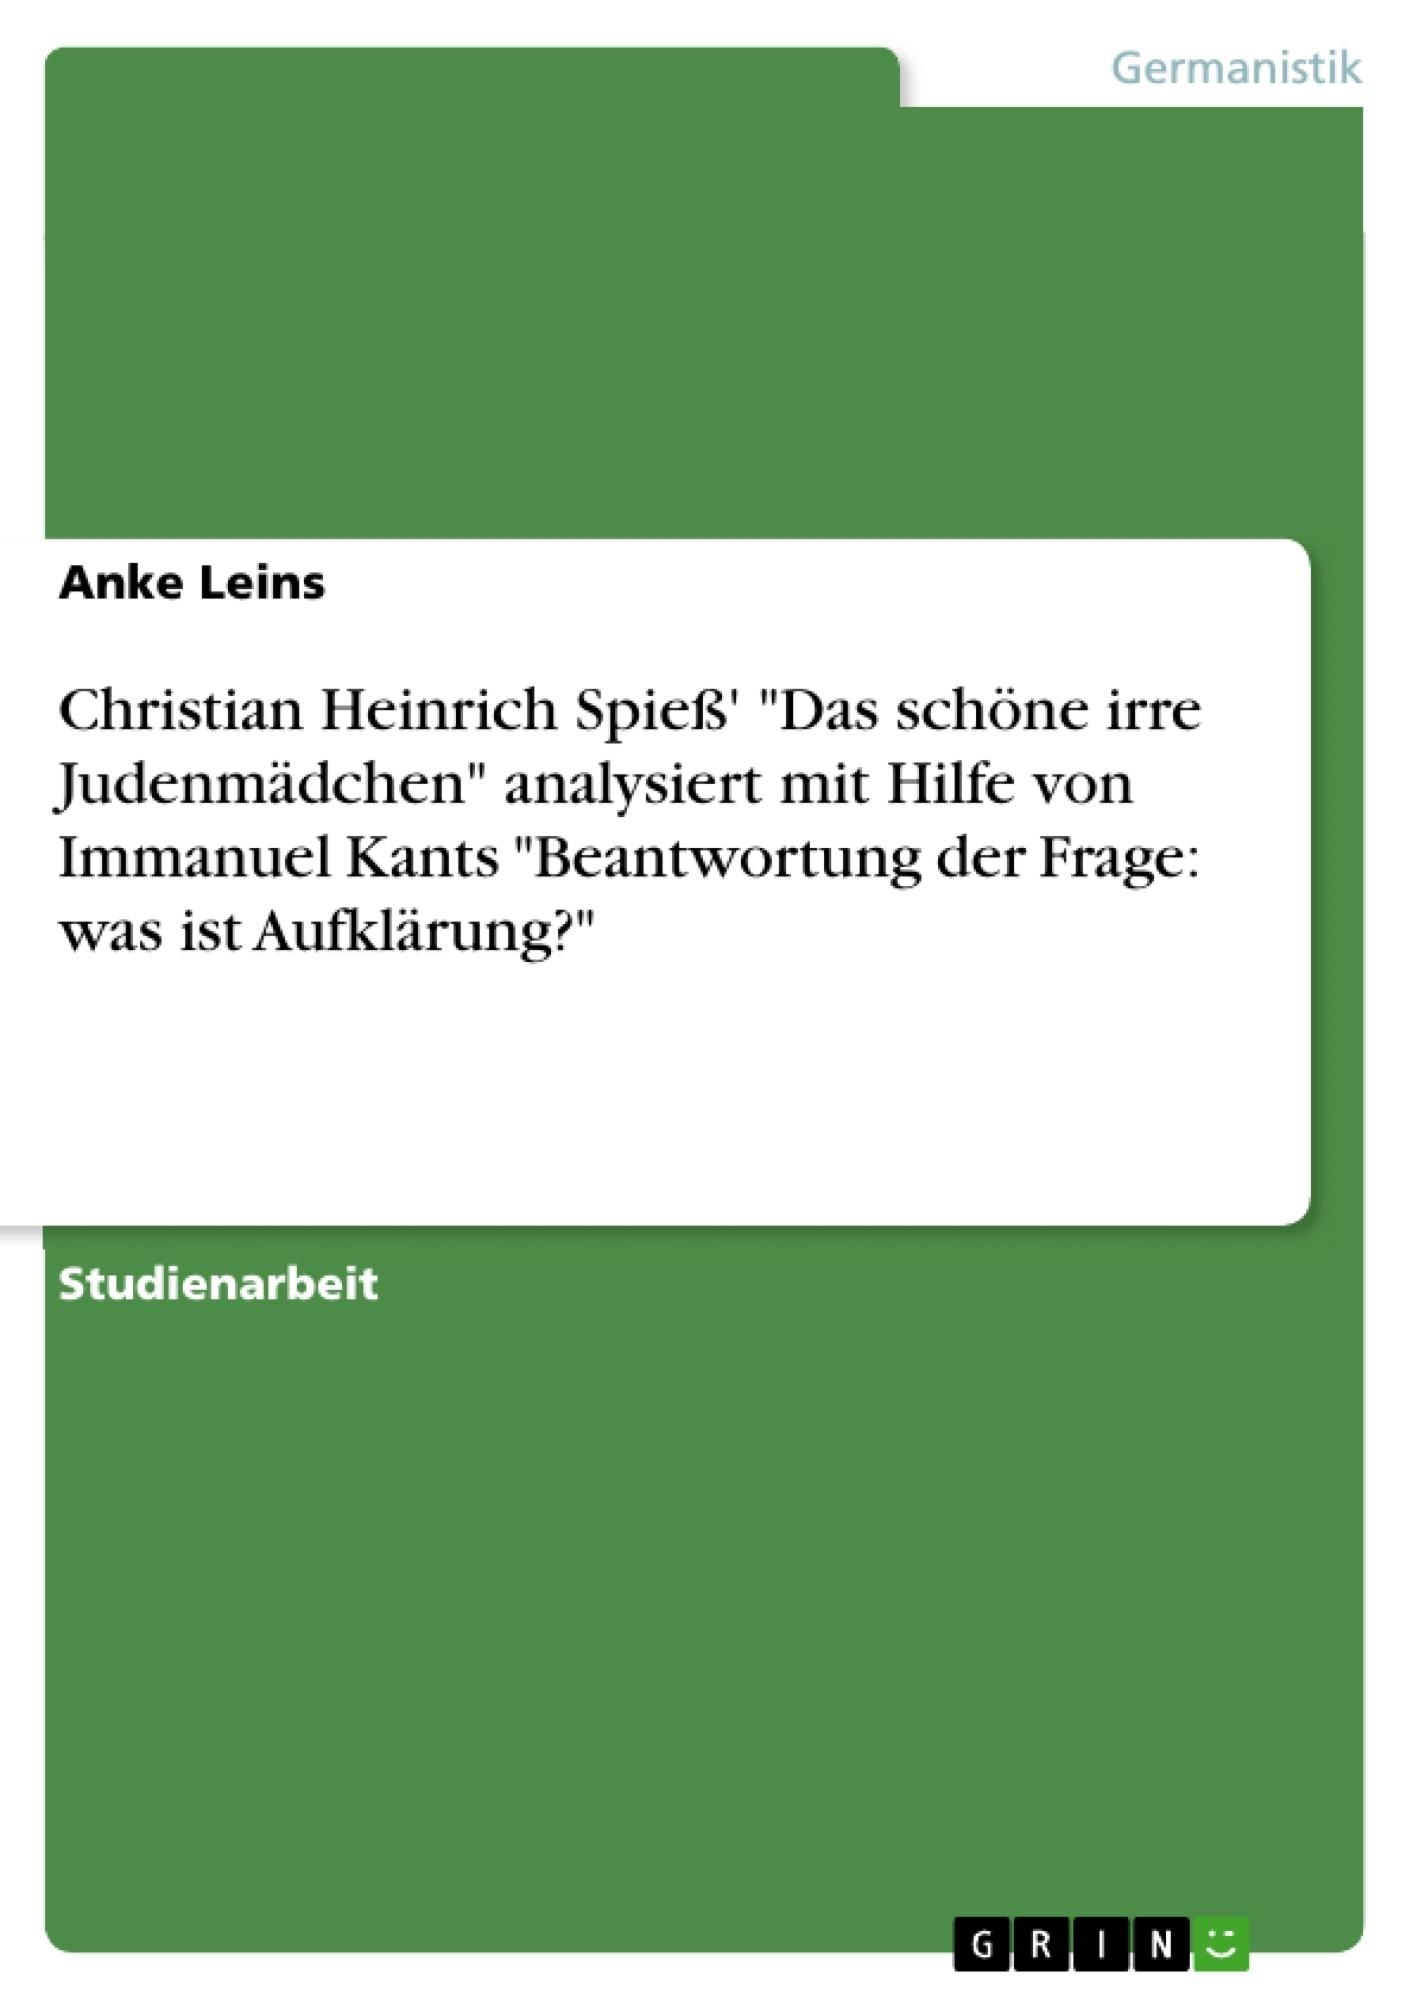 """Titel: Christian Heinrich Spieß' """"Das schöne irre Judenmädchen"""" analysiert mit Hilfe von Immanuel Kants """"Beantwortung der Frage: was ist Aufklärung?"""""""